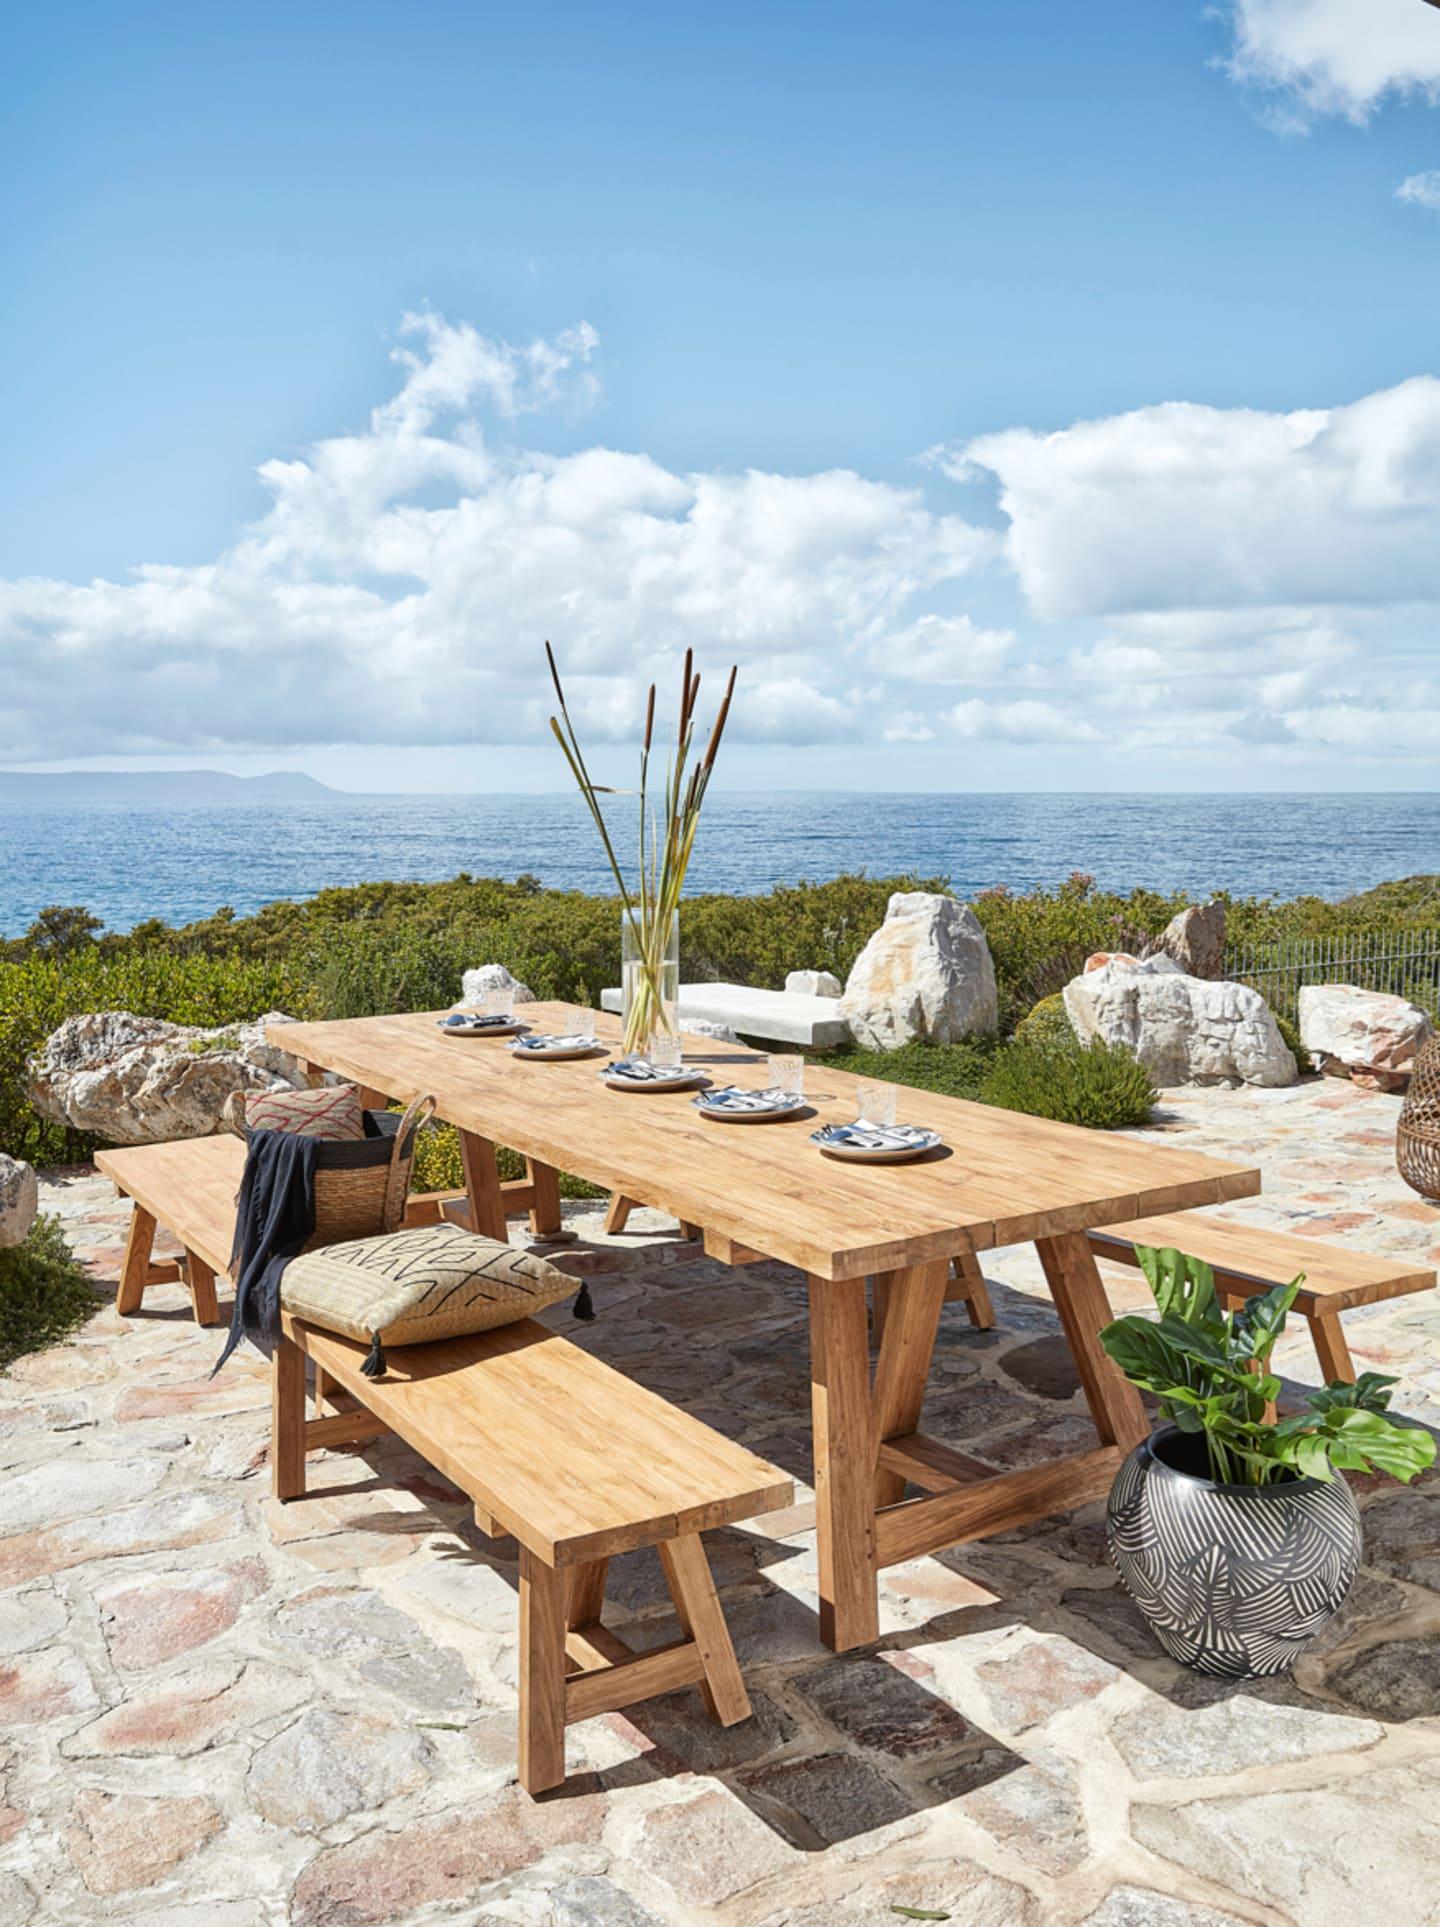 Mobilier de jardin : salon de jardin, déco… | Maisons du Monde